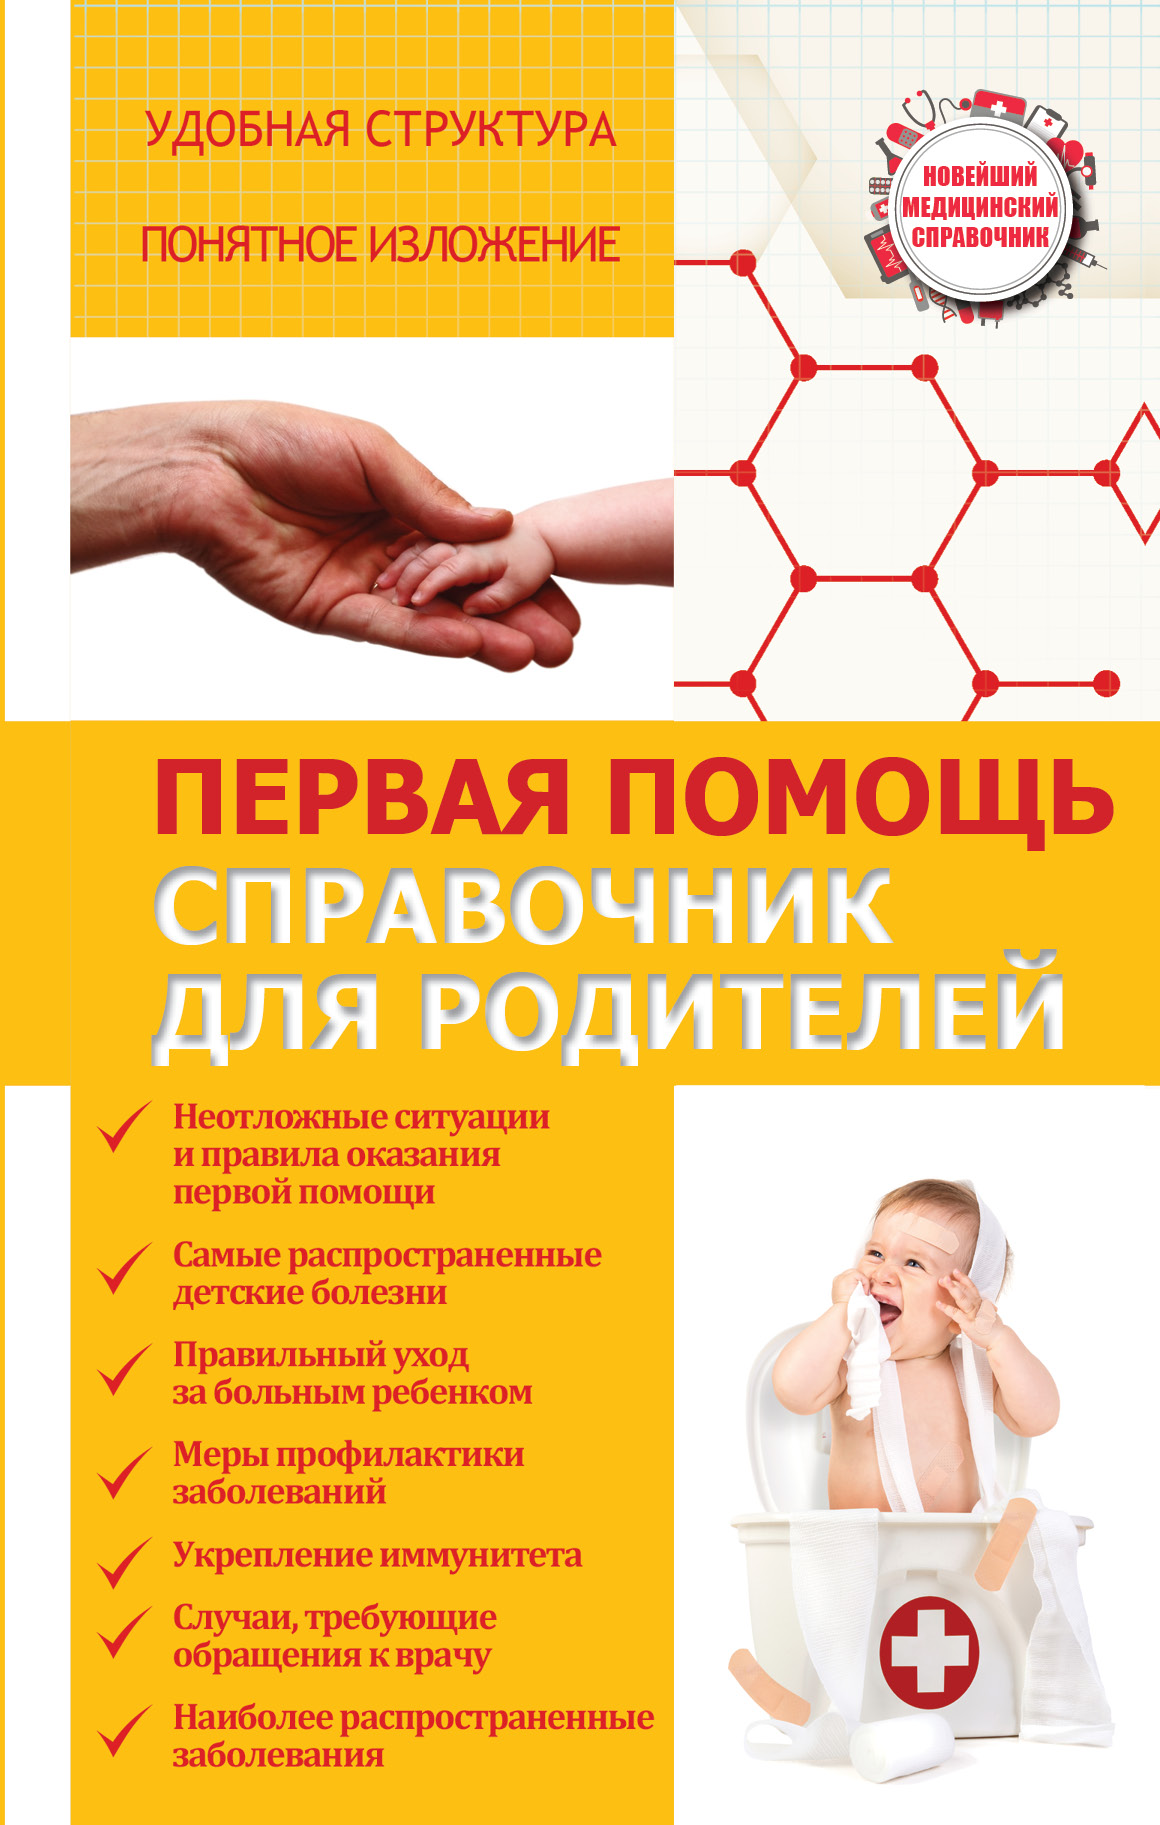 Первая помощь. Справочник для родителей ( Максимович С.В.  )